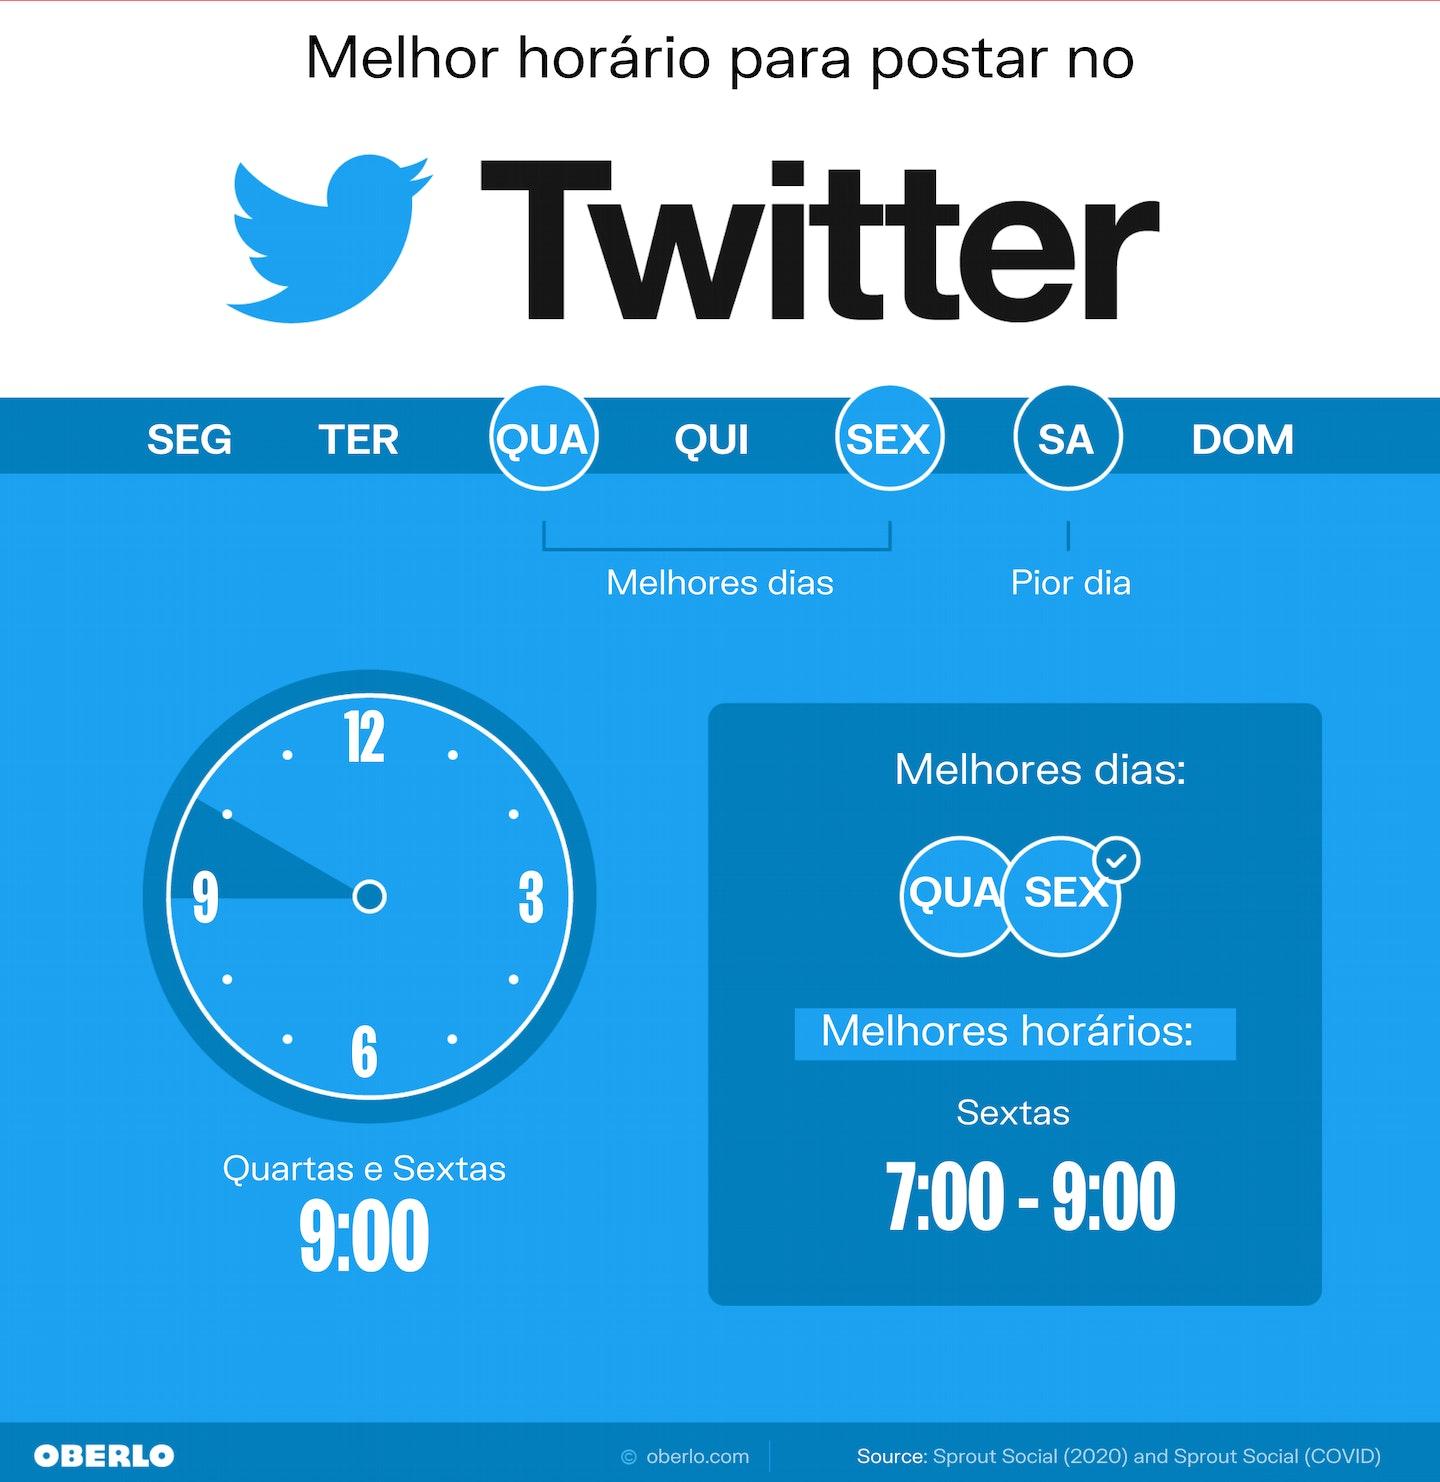 melhores horários para postar twitter